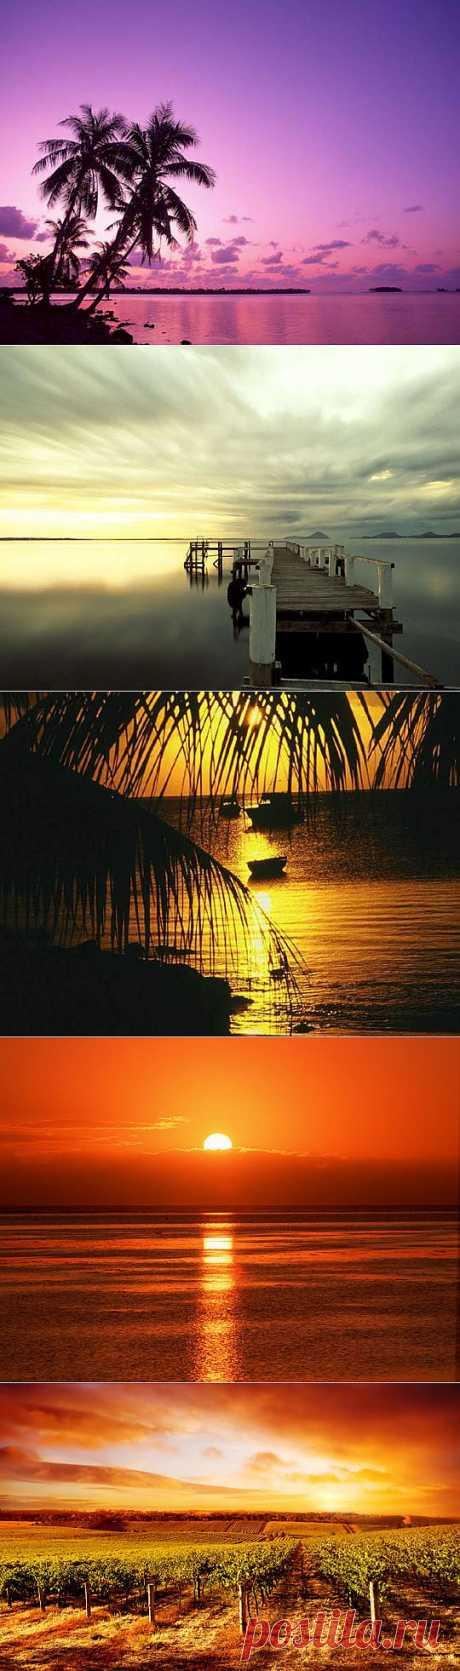 Закат солнца картинки (35 фото) видео